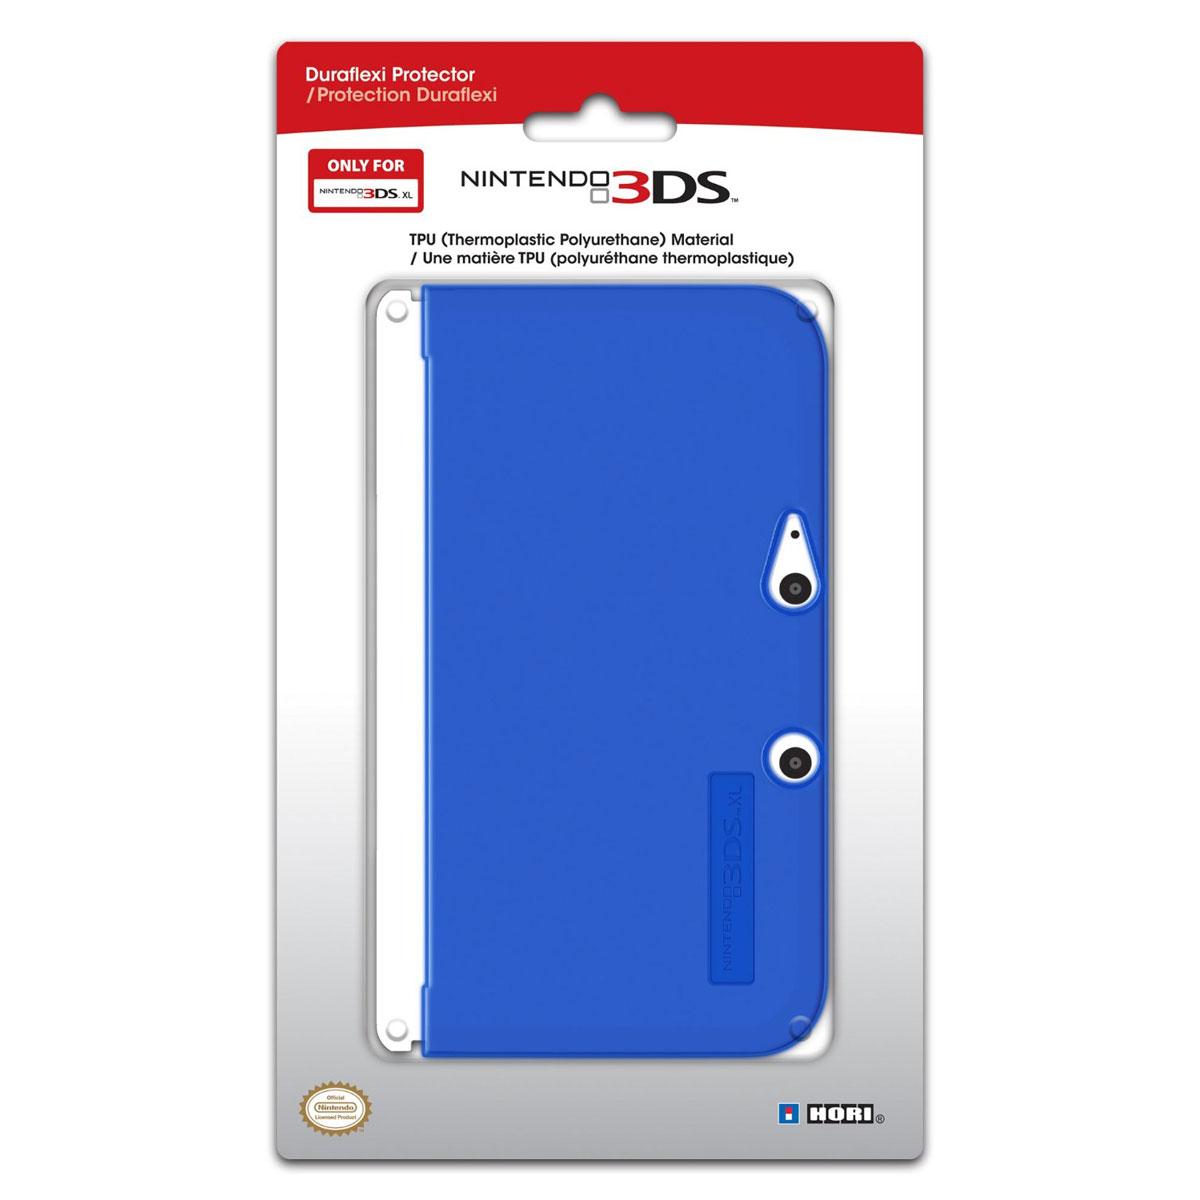 Hori coque de protection silicone bleu nintendo 3ds xl for Coque 3ds xl pokemon